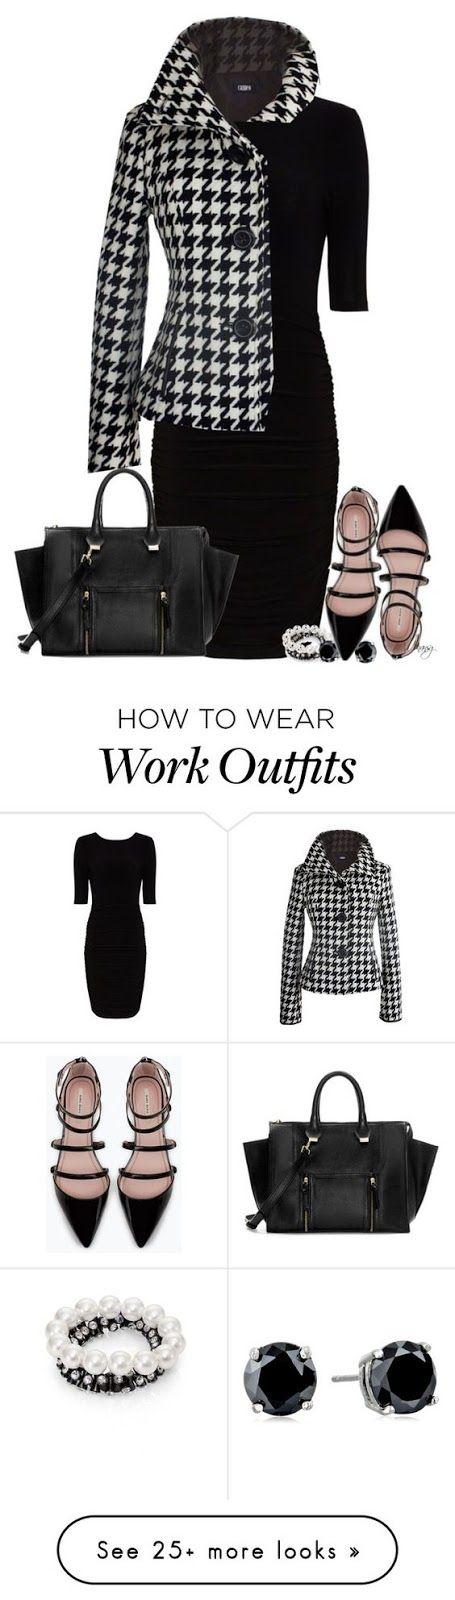 Hola Chicas!!!   Ya sea durante la semana de trabajo o para un próximo compromiso de negocios, es mucho mejor planificar que vestir al día ...